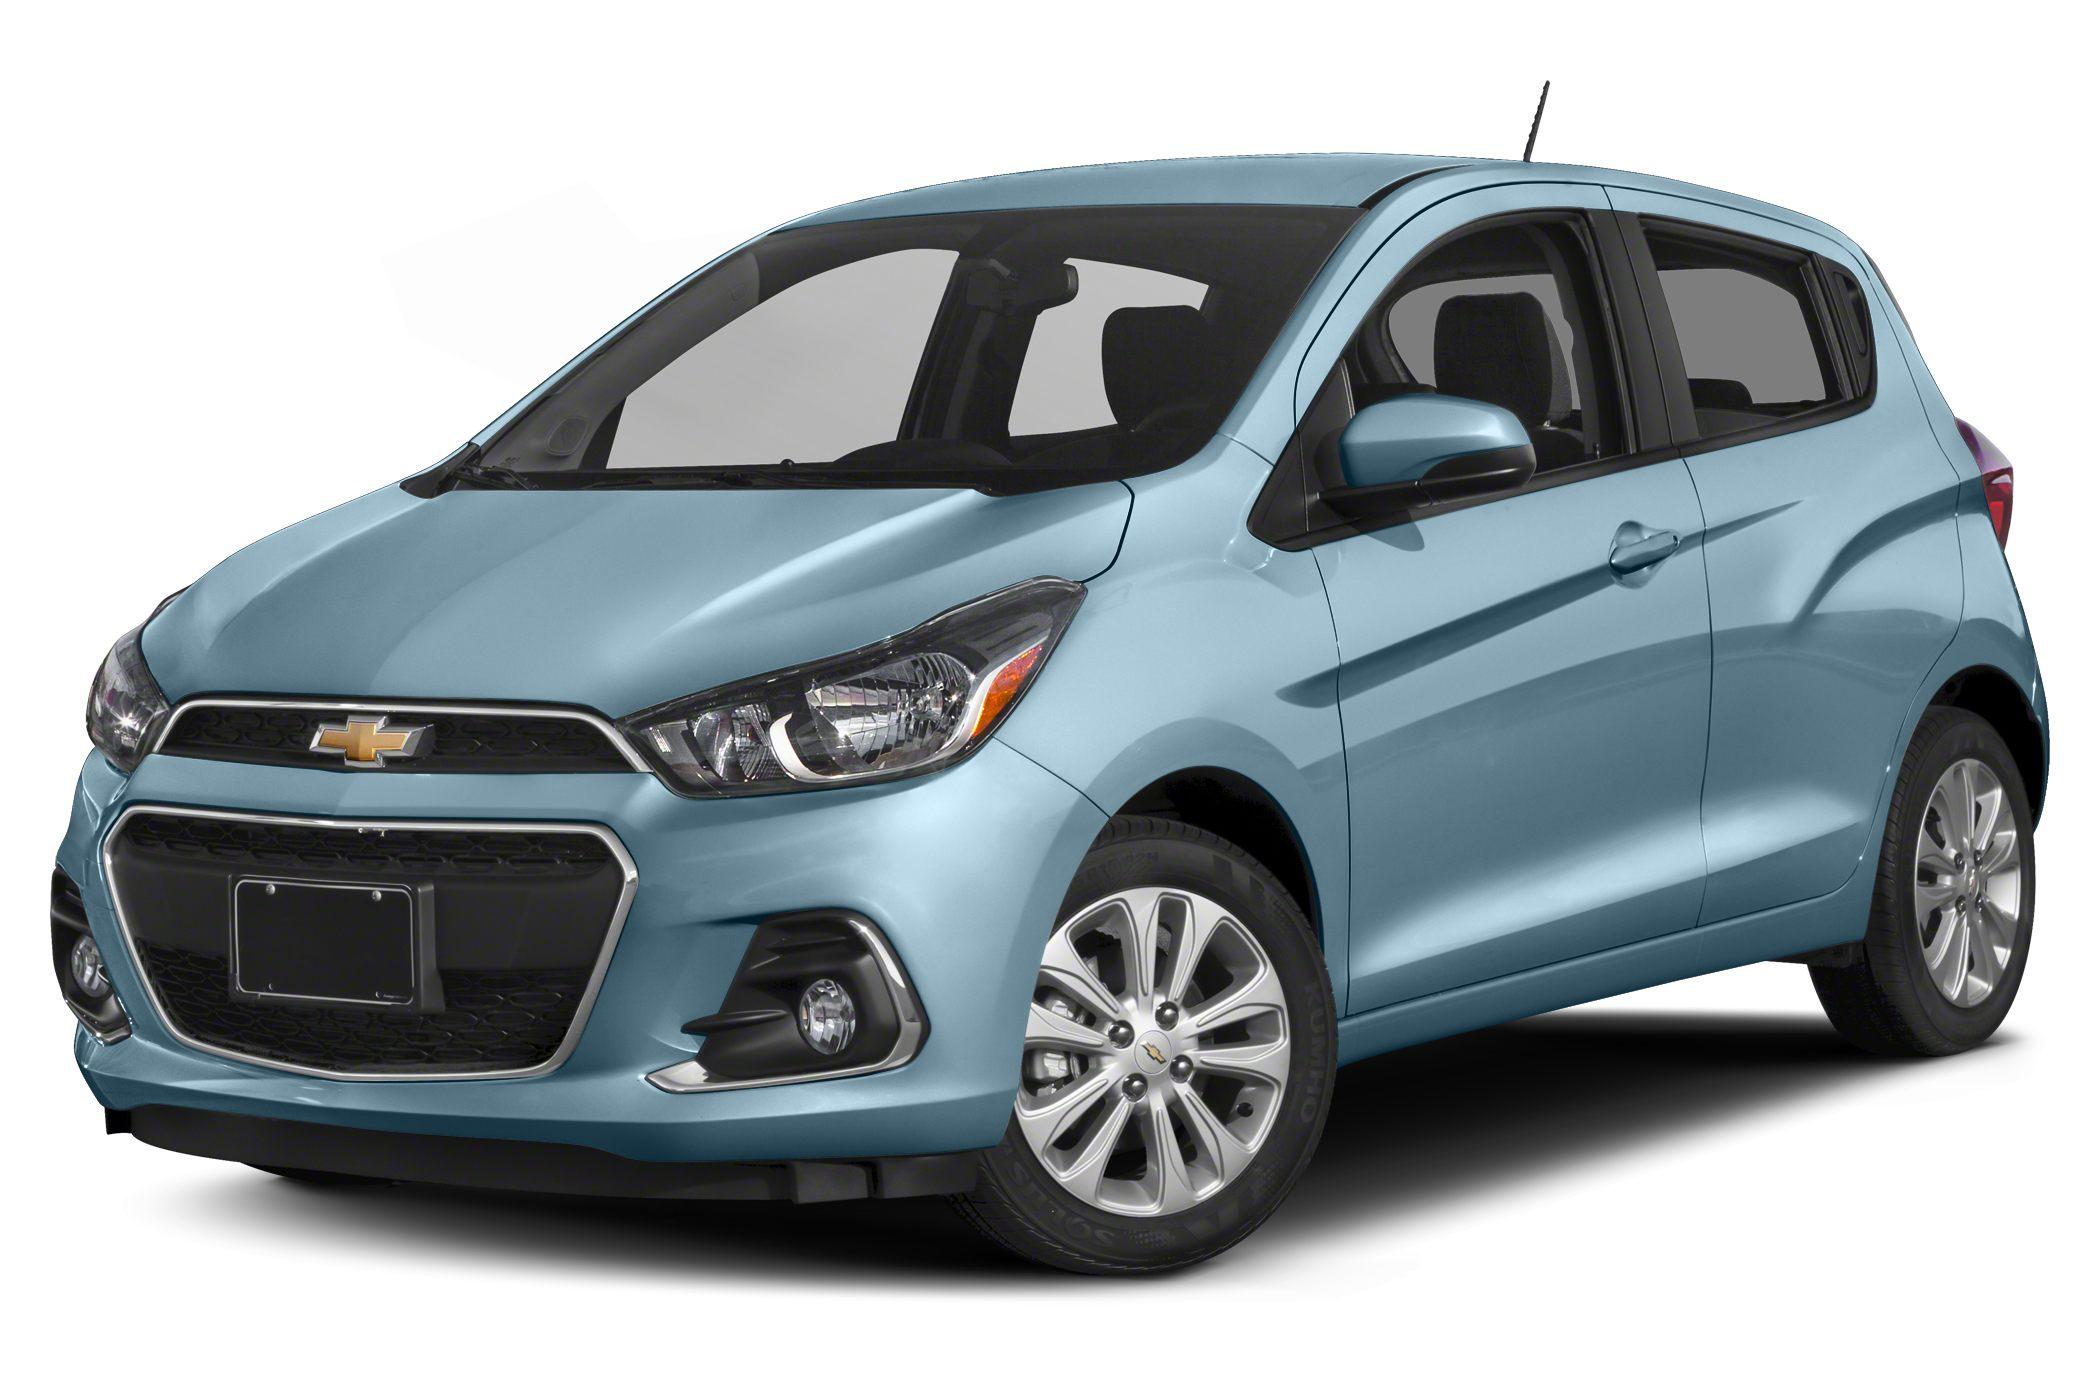 2018 Chevrolet Spark Lt W 1lt Manual 4dr Hatchback Pictures